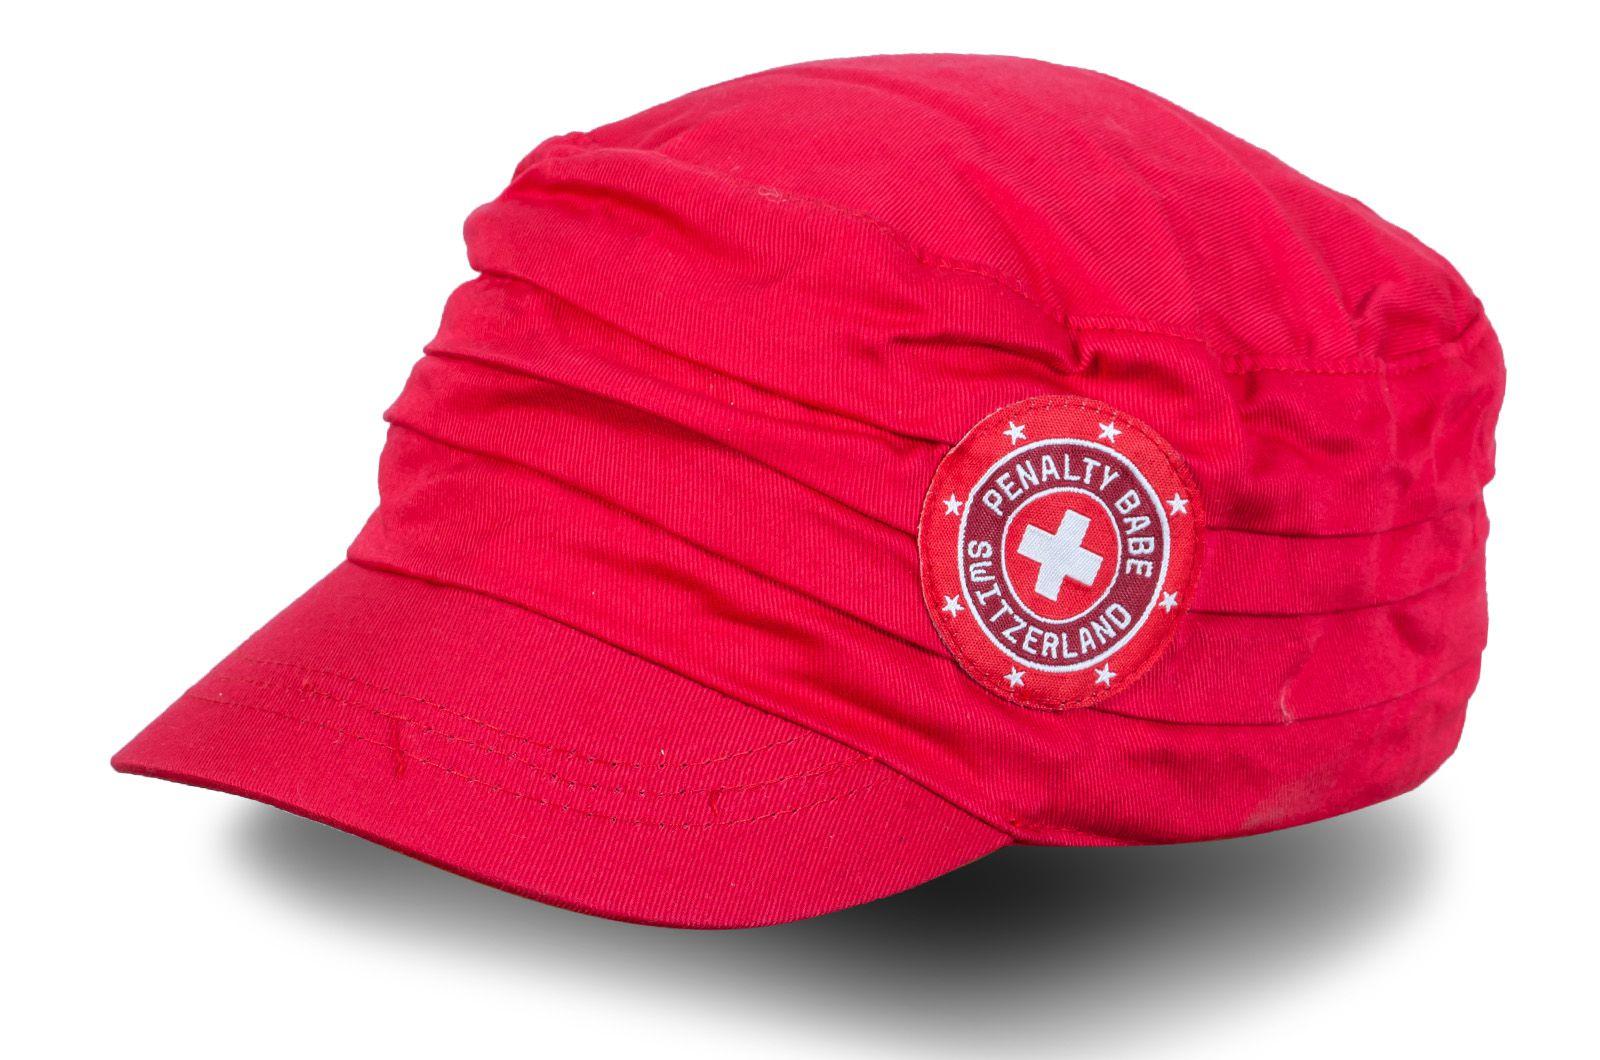 Фанатская кепка Швейцария | Купить женские кепки